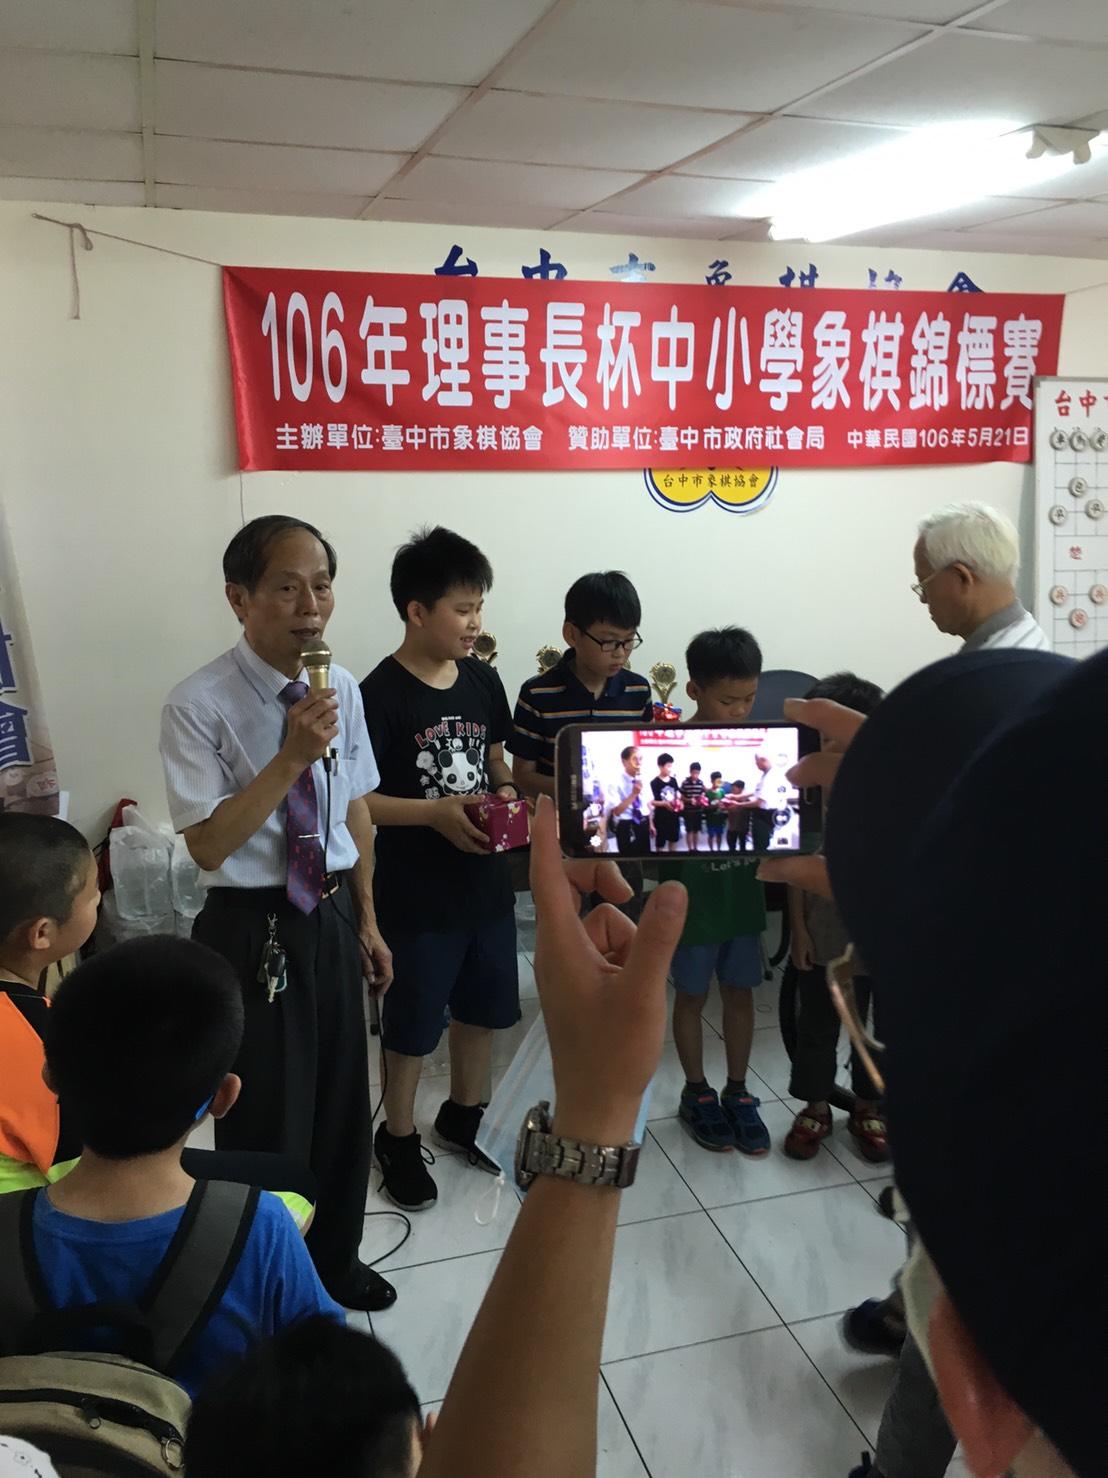 2017理事長杯象棋比賽頒獎典禮(2)